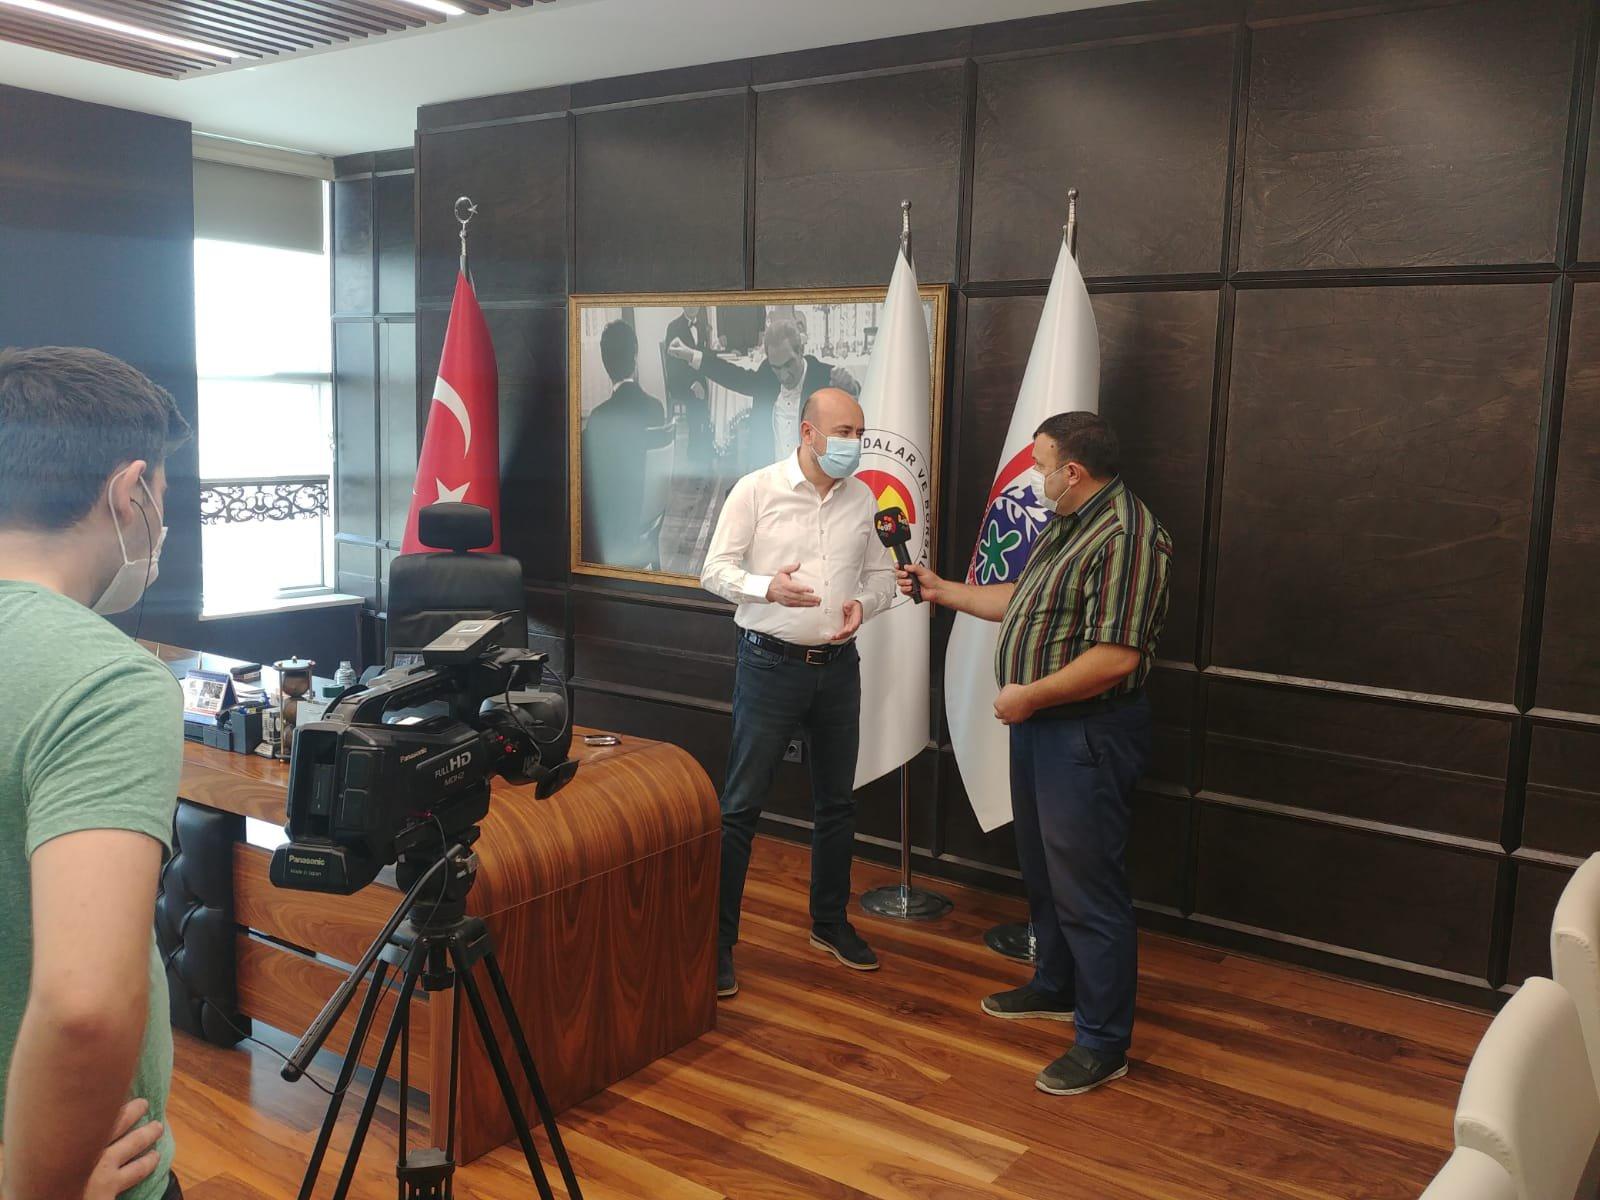 Ege TV Yönetimi, TOBB Yönetim Kurulu Üyesi ve Odamız Başkanı Hakan ÜLKEN' i makamında ziyaret ederek Aydın ekonomisi ve Odamız faaliyetleri hakkında röportaj gerçekleştirdi